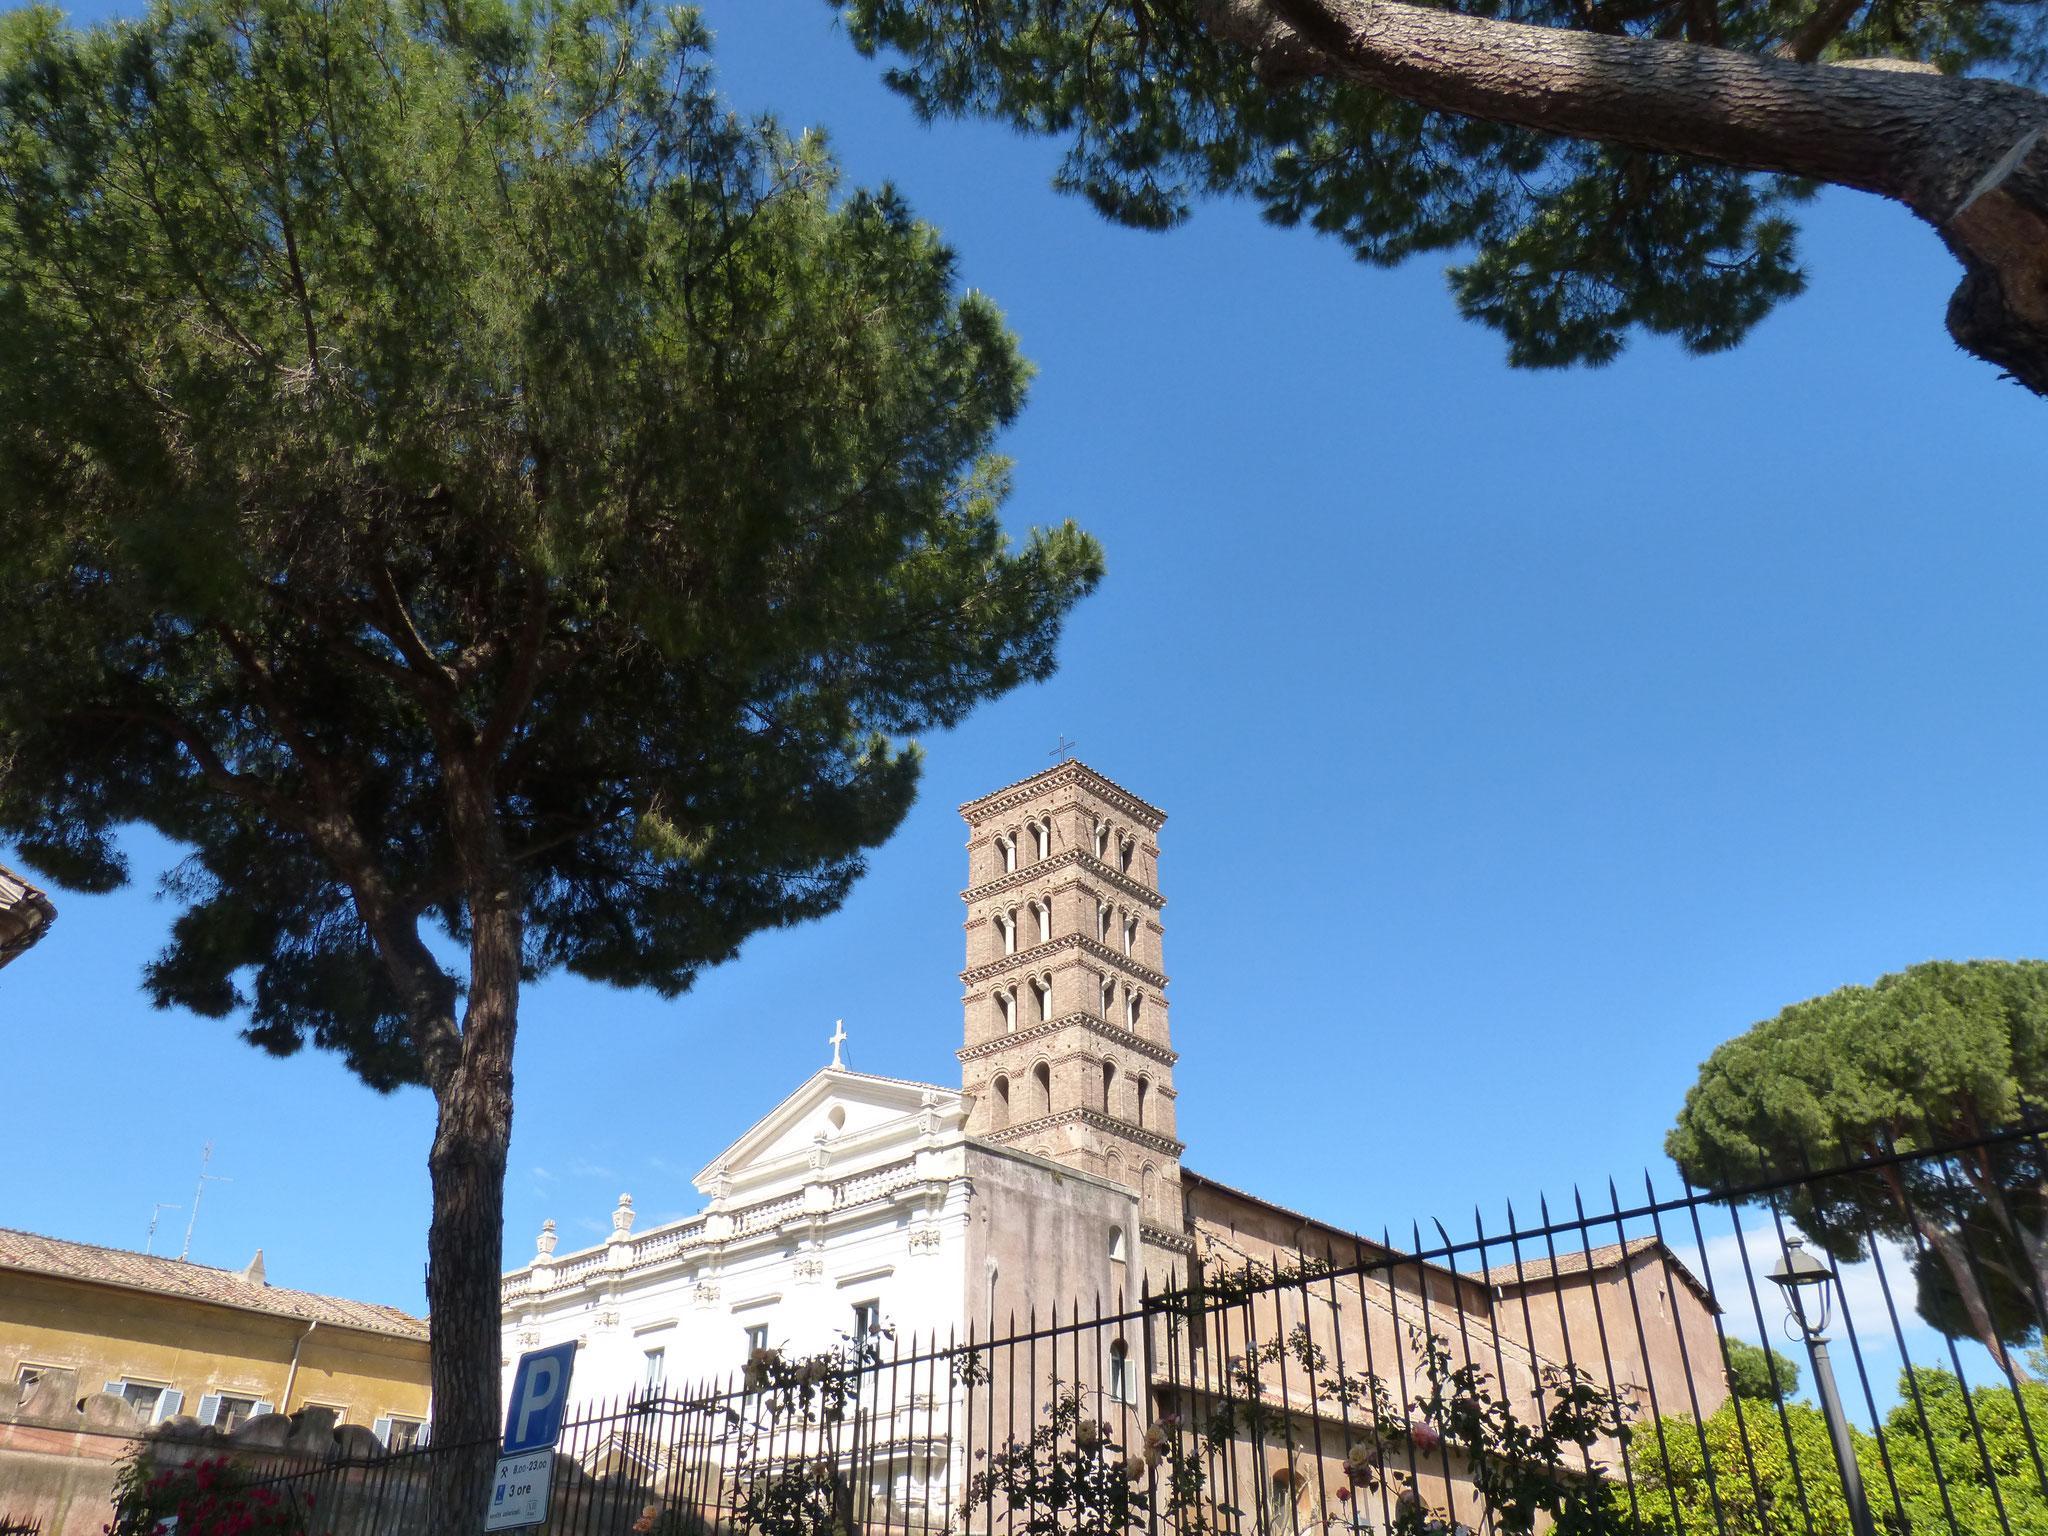 Die Basilika di Santa Sabina gehört zu den ältesten Kirchen in Rom.